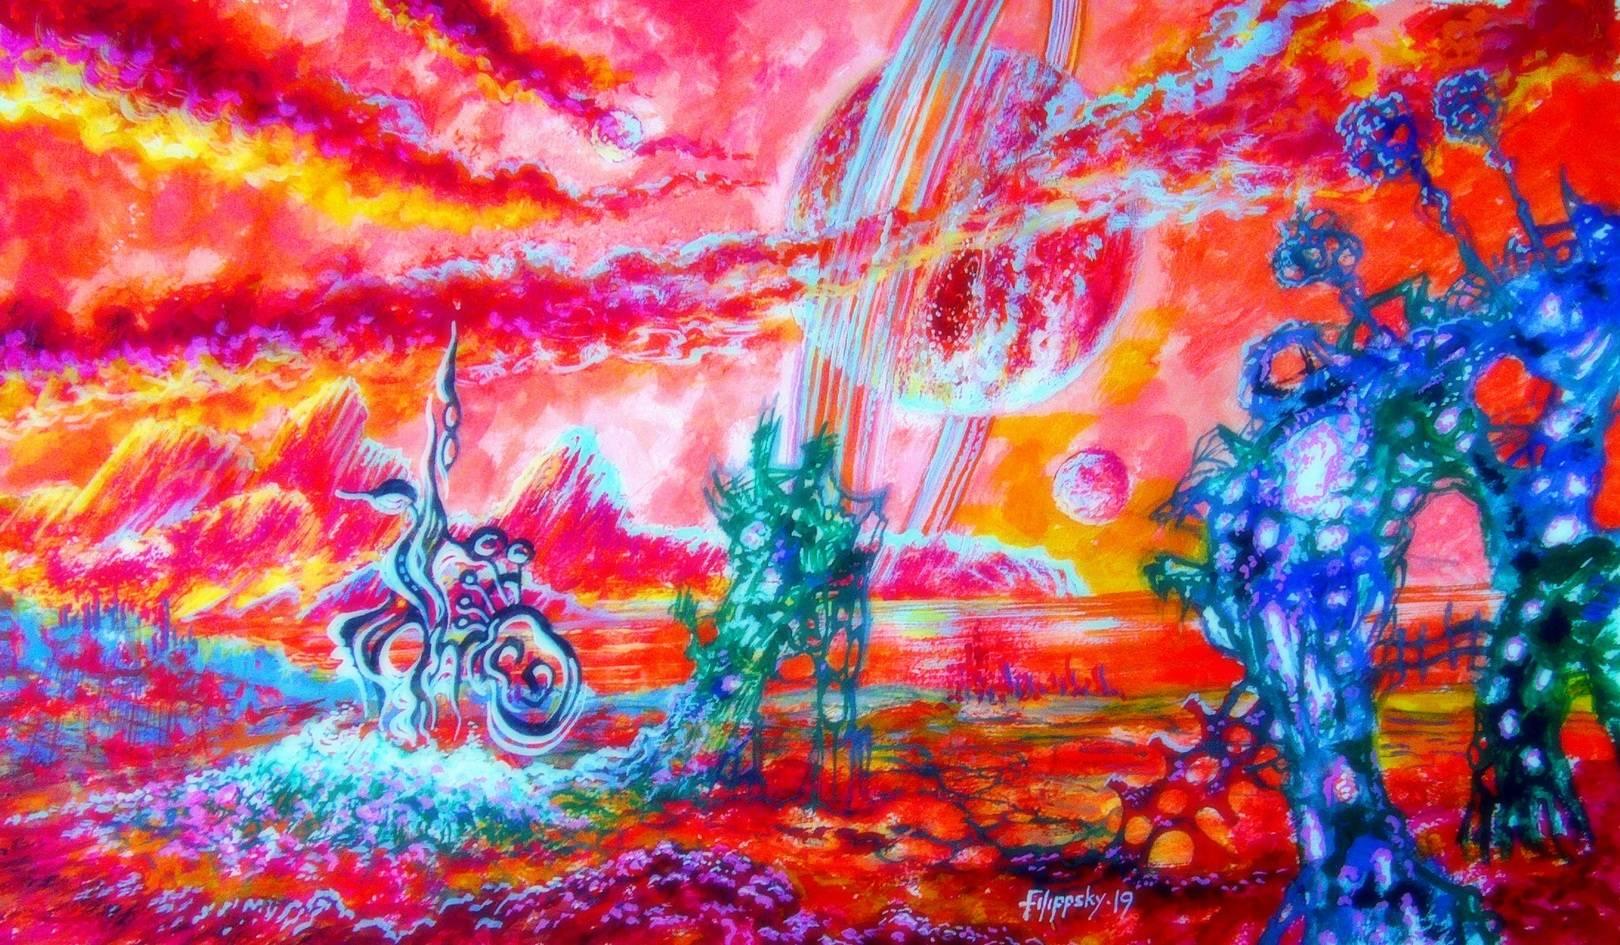 Вид на Юпитер с Ганимеда через 3,5 миллиарда лет.  Очень далекое будущее,Солнце стало гигантом,сходя с главной последовательности в своей эволюции.Поглотив все внутренние планеты,вплоть до Земли,оно разогрело систему Юпитера.Приливные силы разорвали его спутник Ио и планета приобрела кольца,сам Ганимед превратился в один большой океан с небольшими клочками суши,где возникли симбиотические формы жизни...